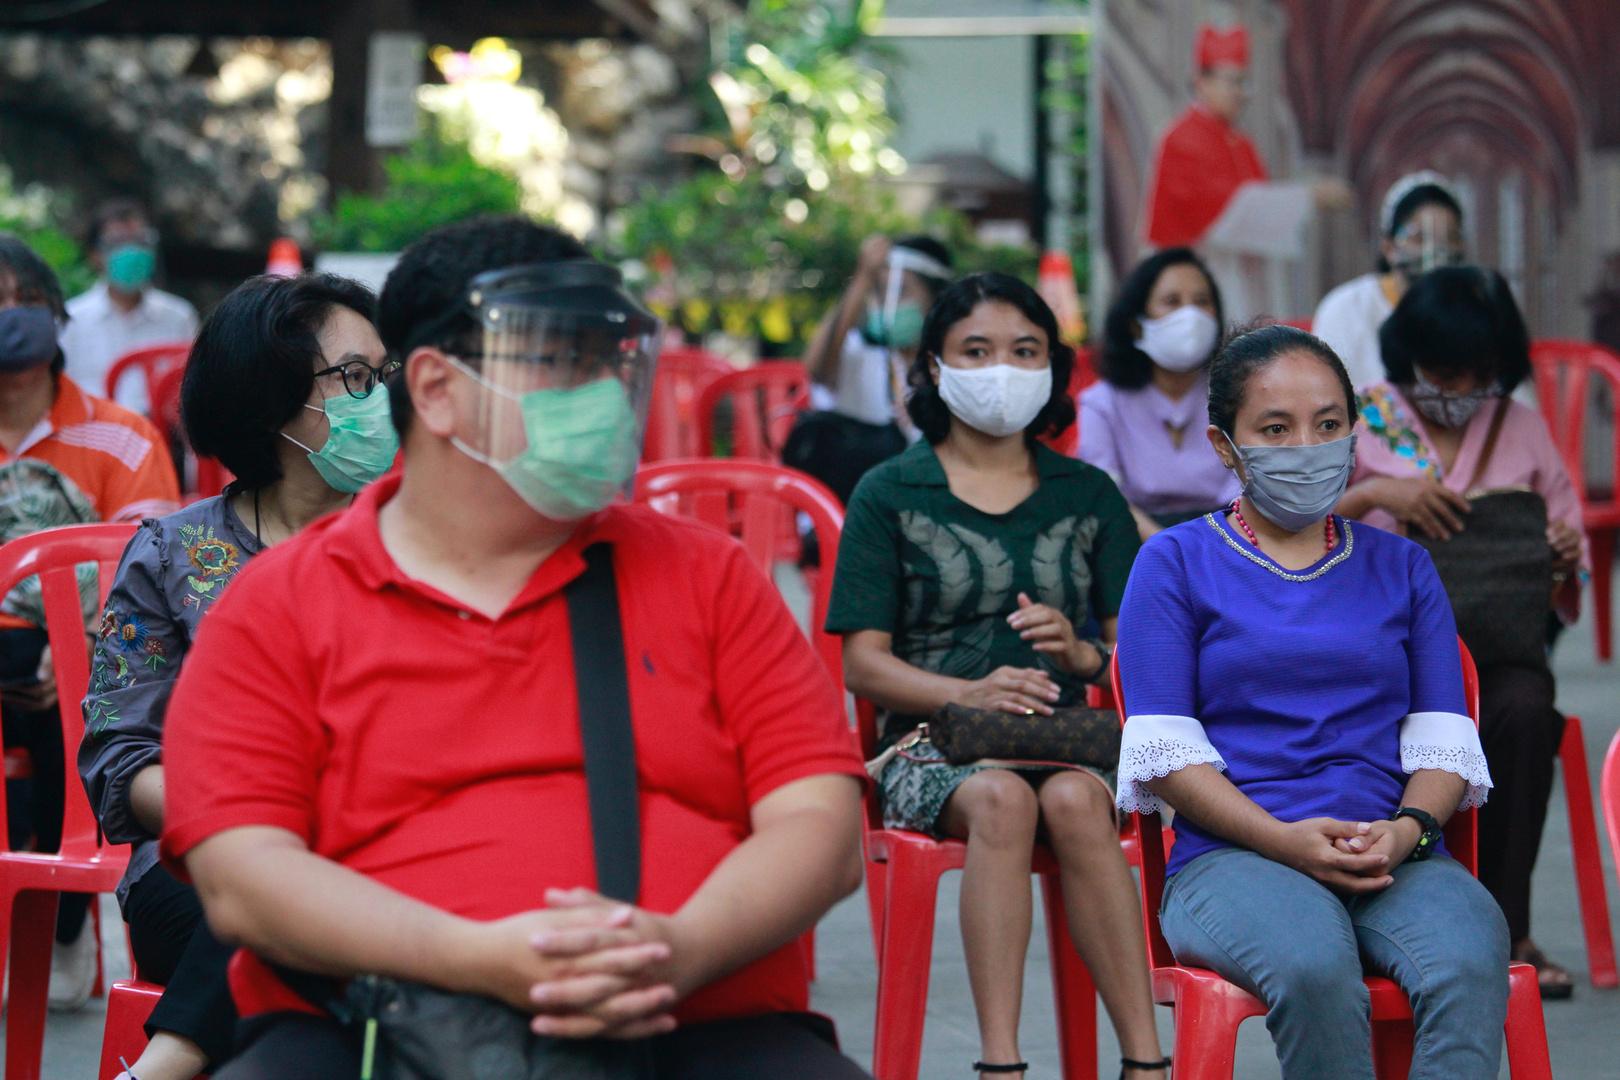 إندونيسيا.. إصابة 54 صحفيا بفيروس كورونا